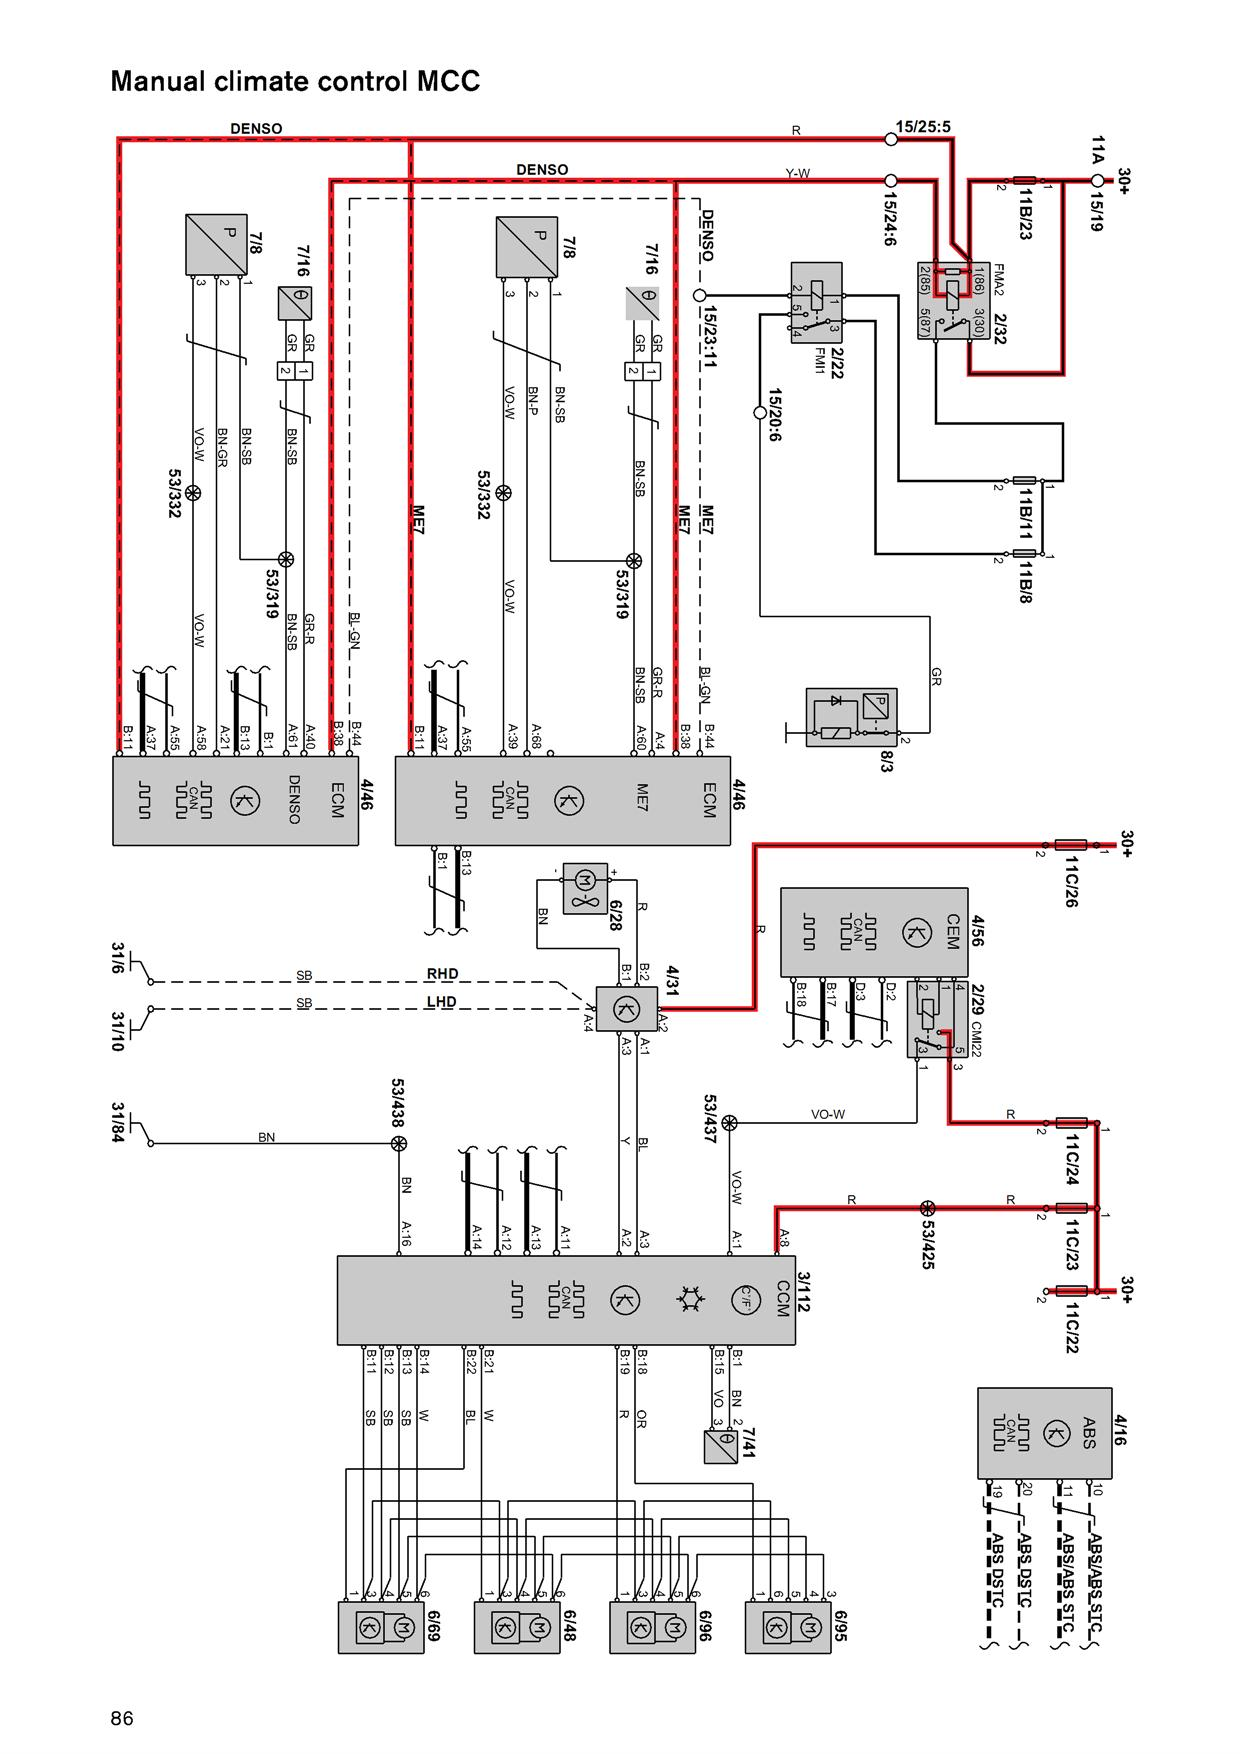 U0026 39 01 S60 Blower Motor Or Resistor